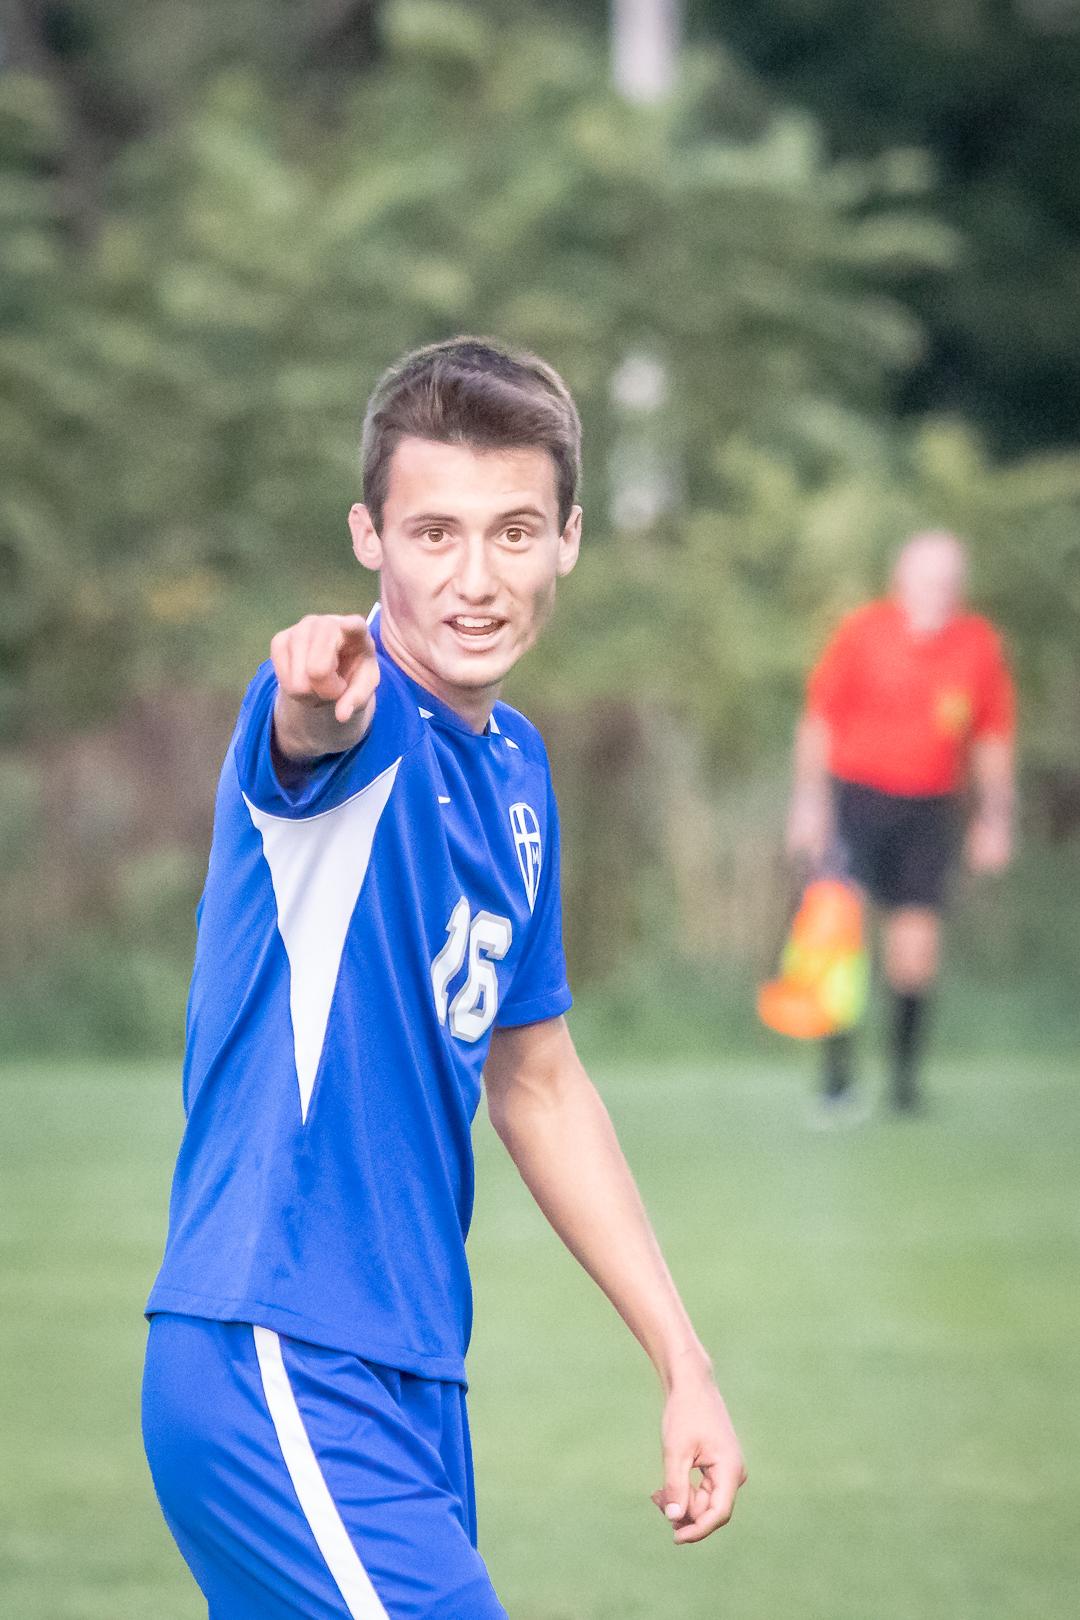 Marian-Varsity-Boys-Soccer-9663-2.jpg